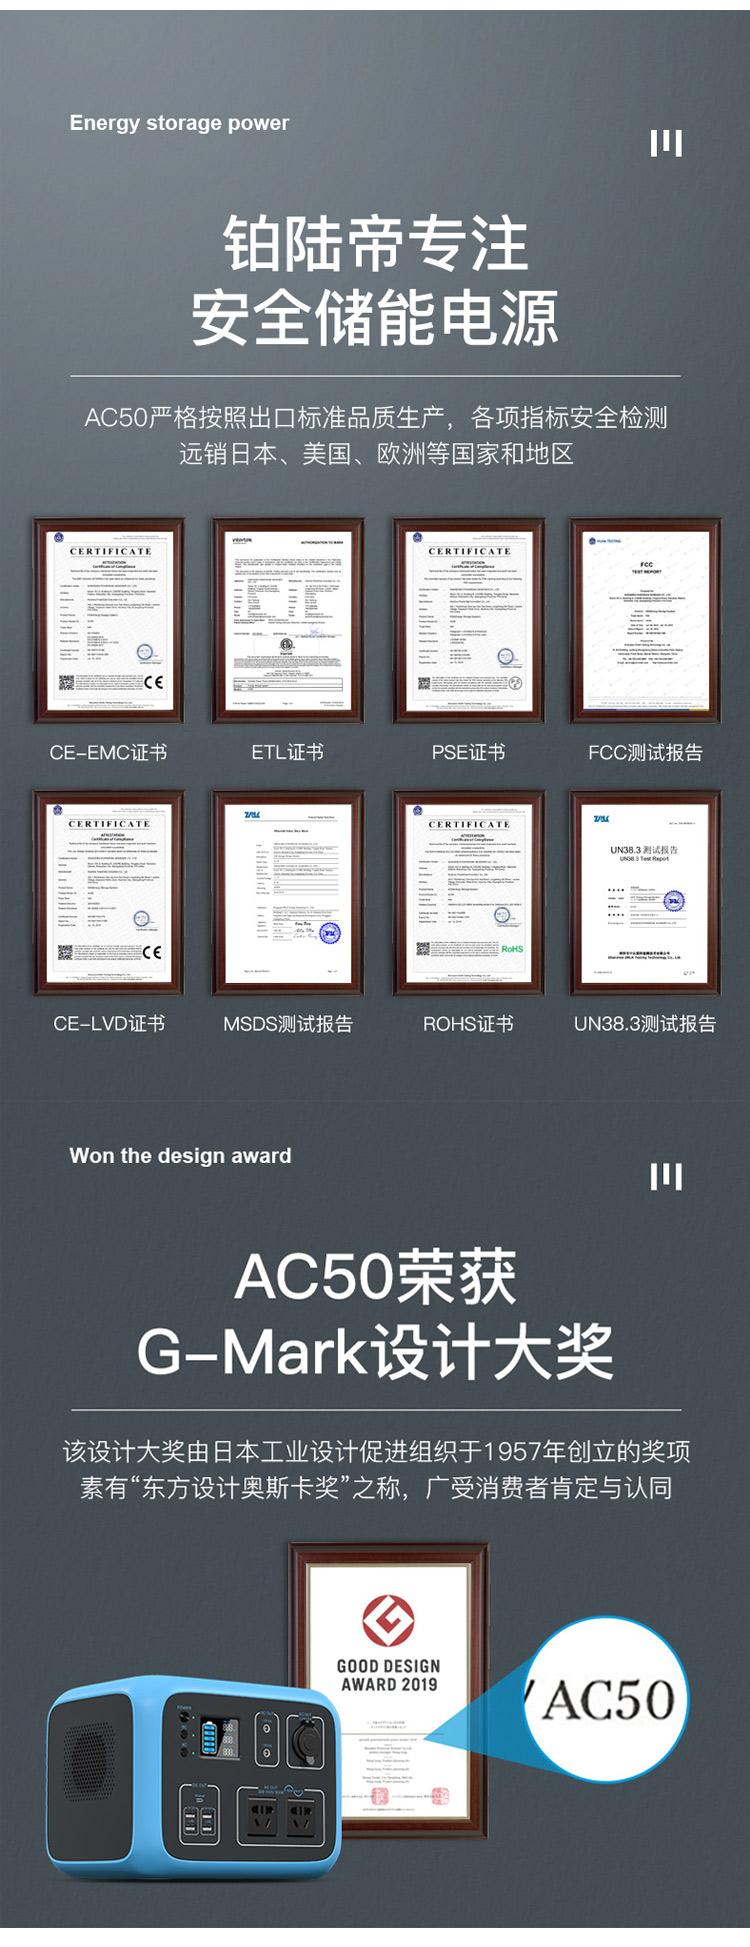 铂陆帝户外电源AC50产品详情图_03.jpg